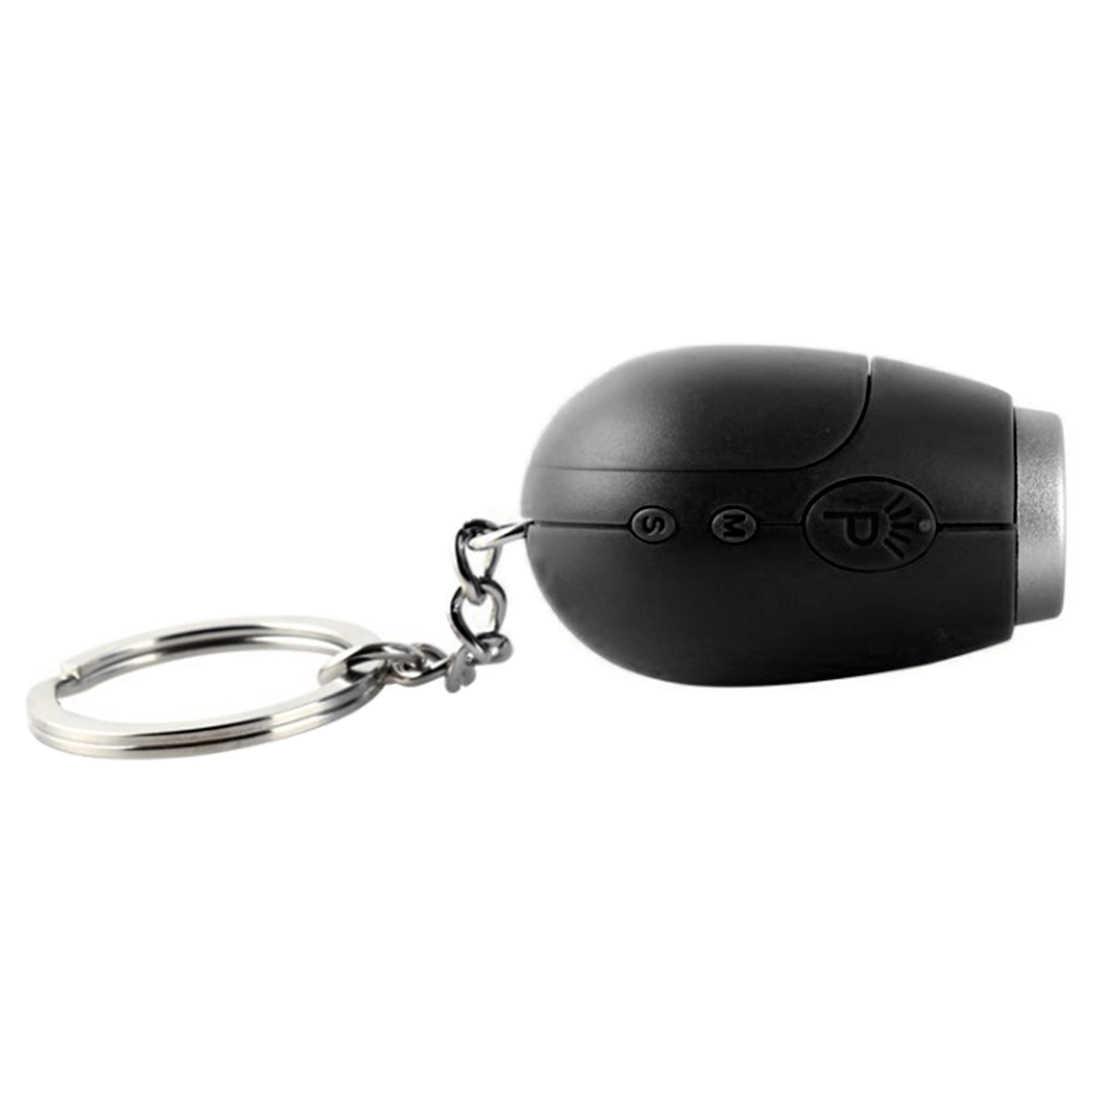 נייד שעון מיני דיגיטלי הקרנת LED Keychain עיצוב שעון לילה אור קסם מקרן שעון despertador